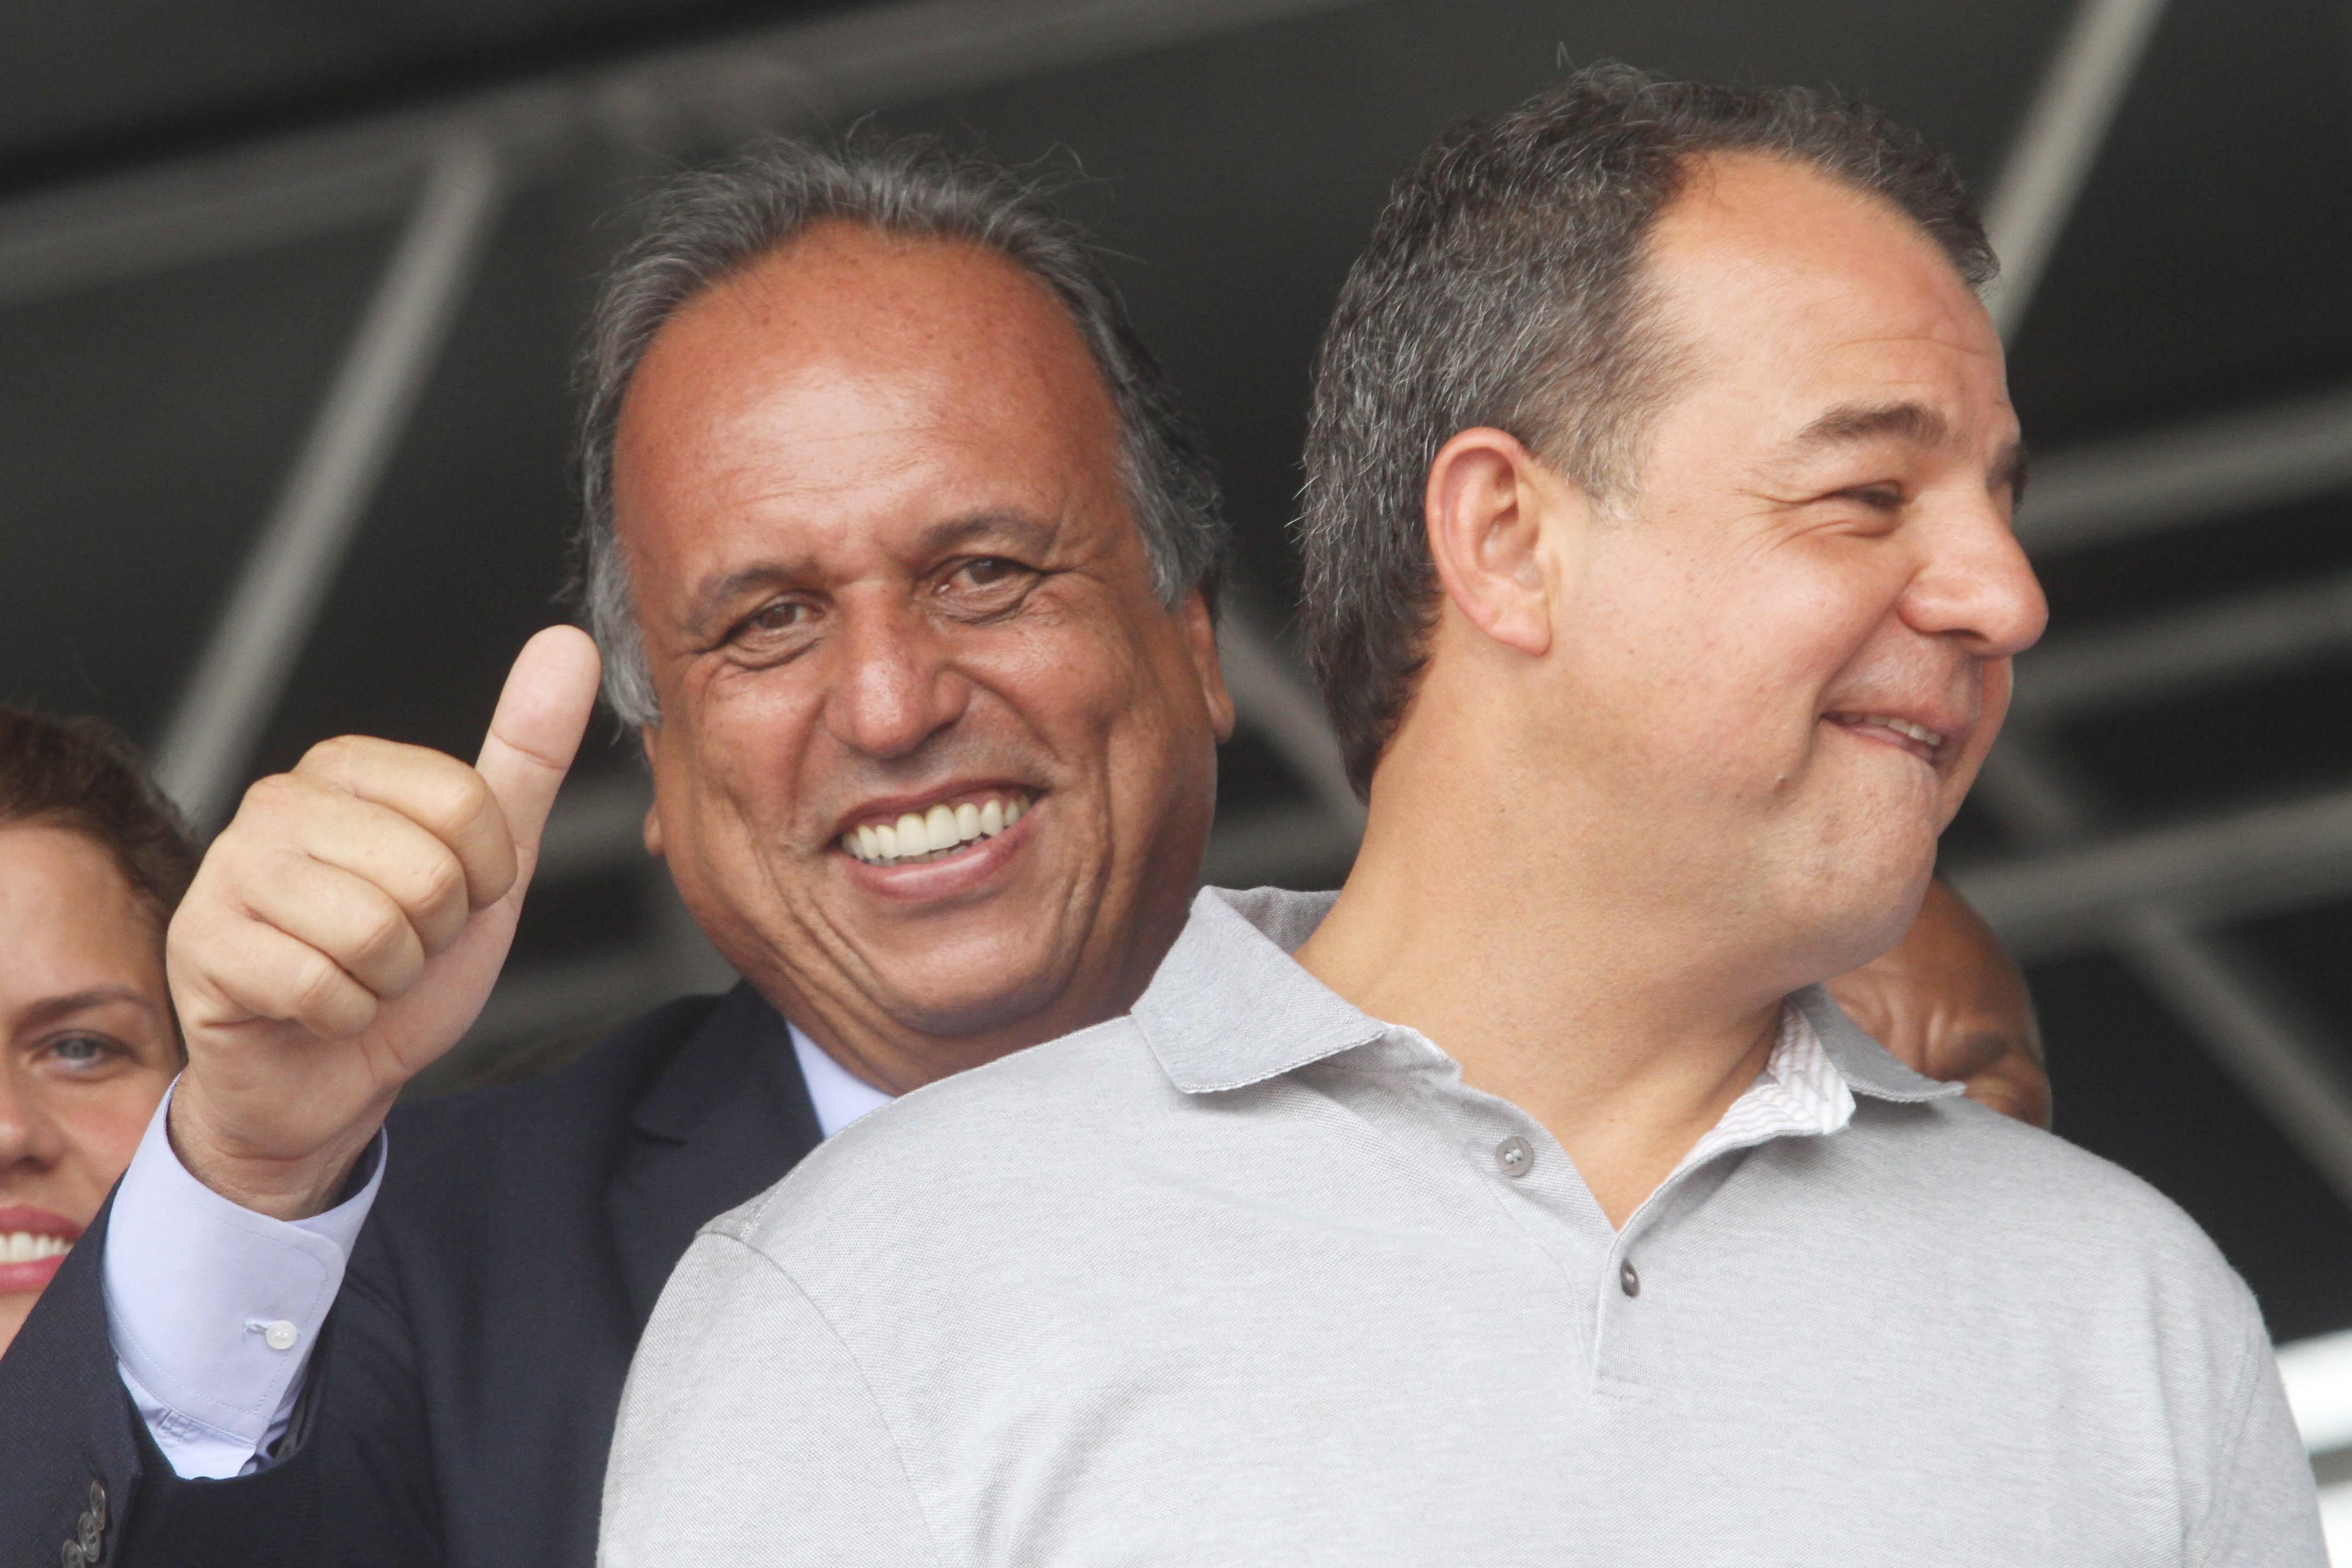 Resultado de imagem para Sergio cabral e deputado federal Aureo